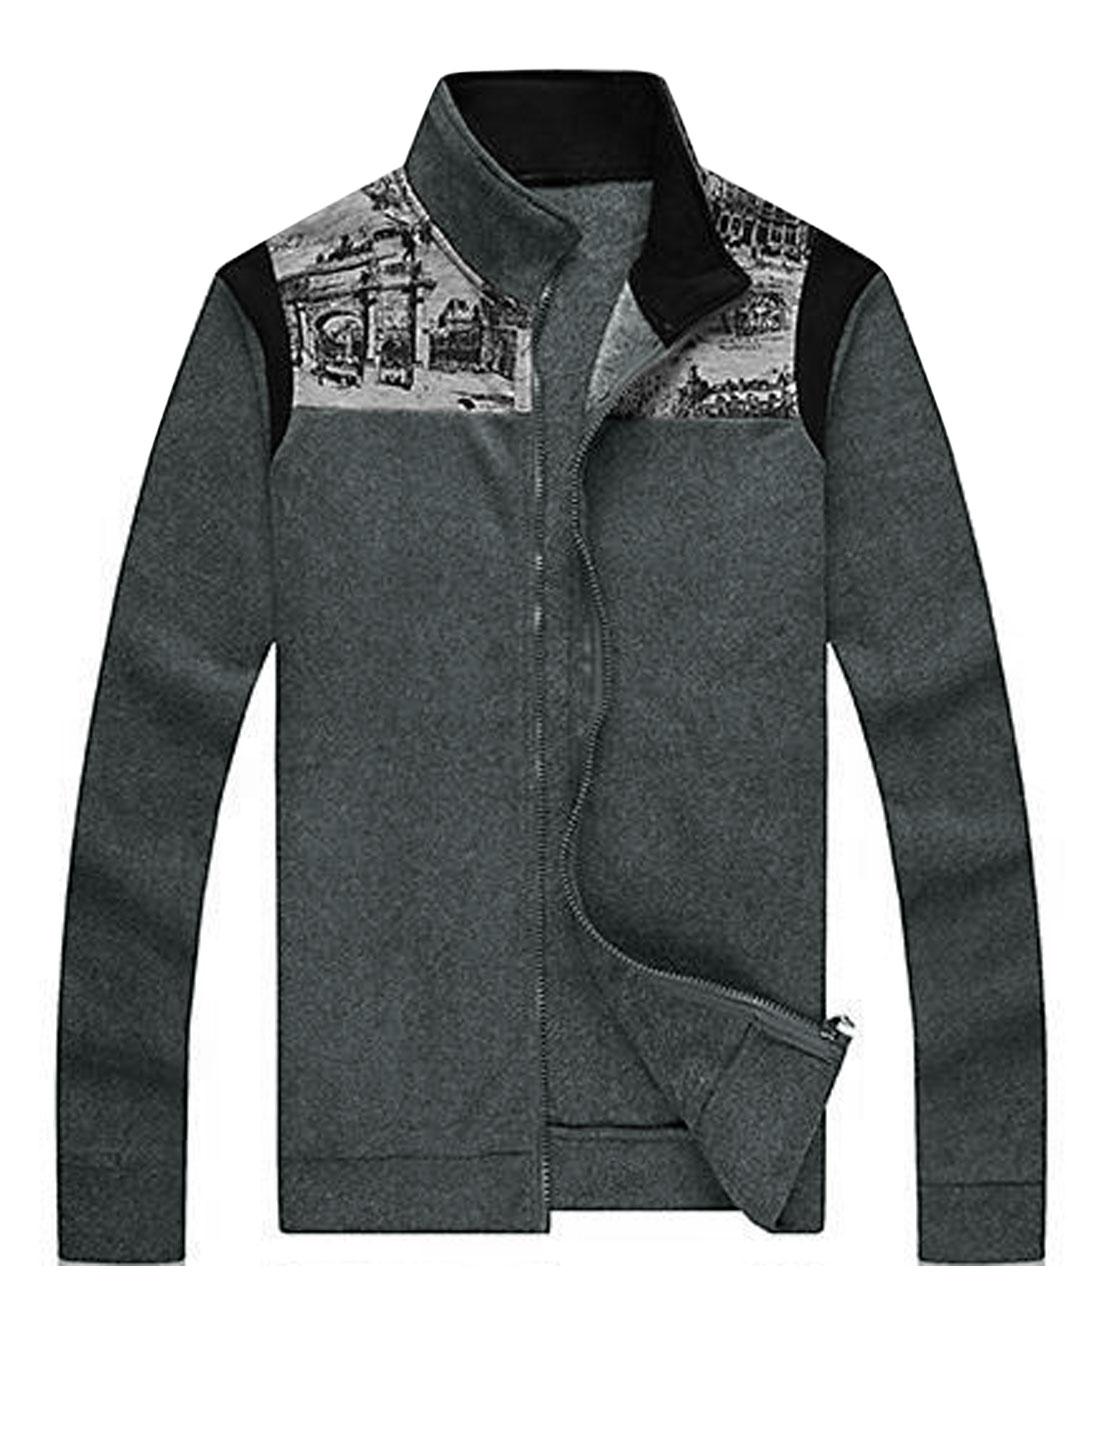 Man Charcoal Drawing Print Zip Up Stylish Dark Gray Casual Jacket L